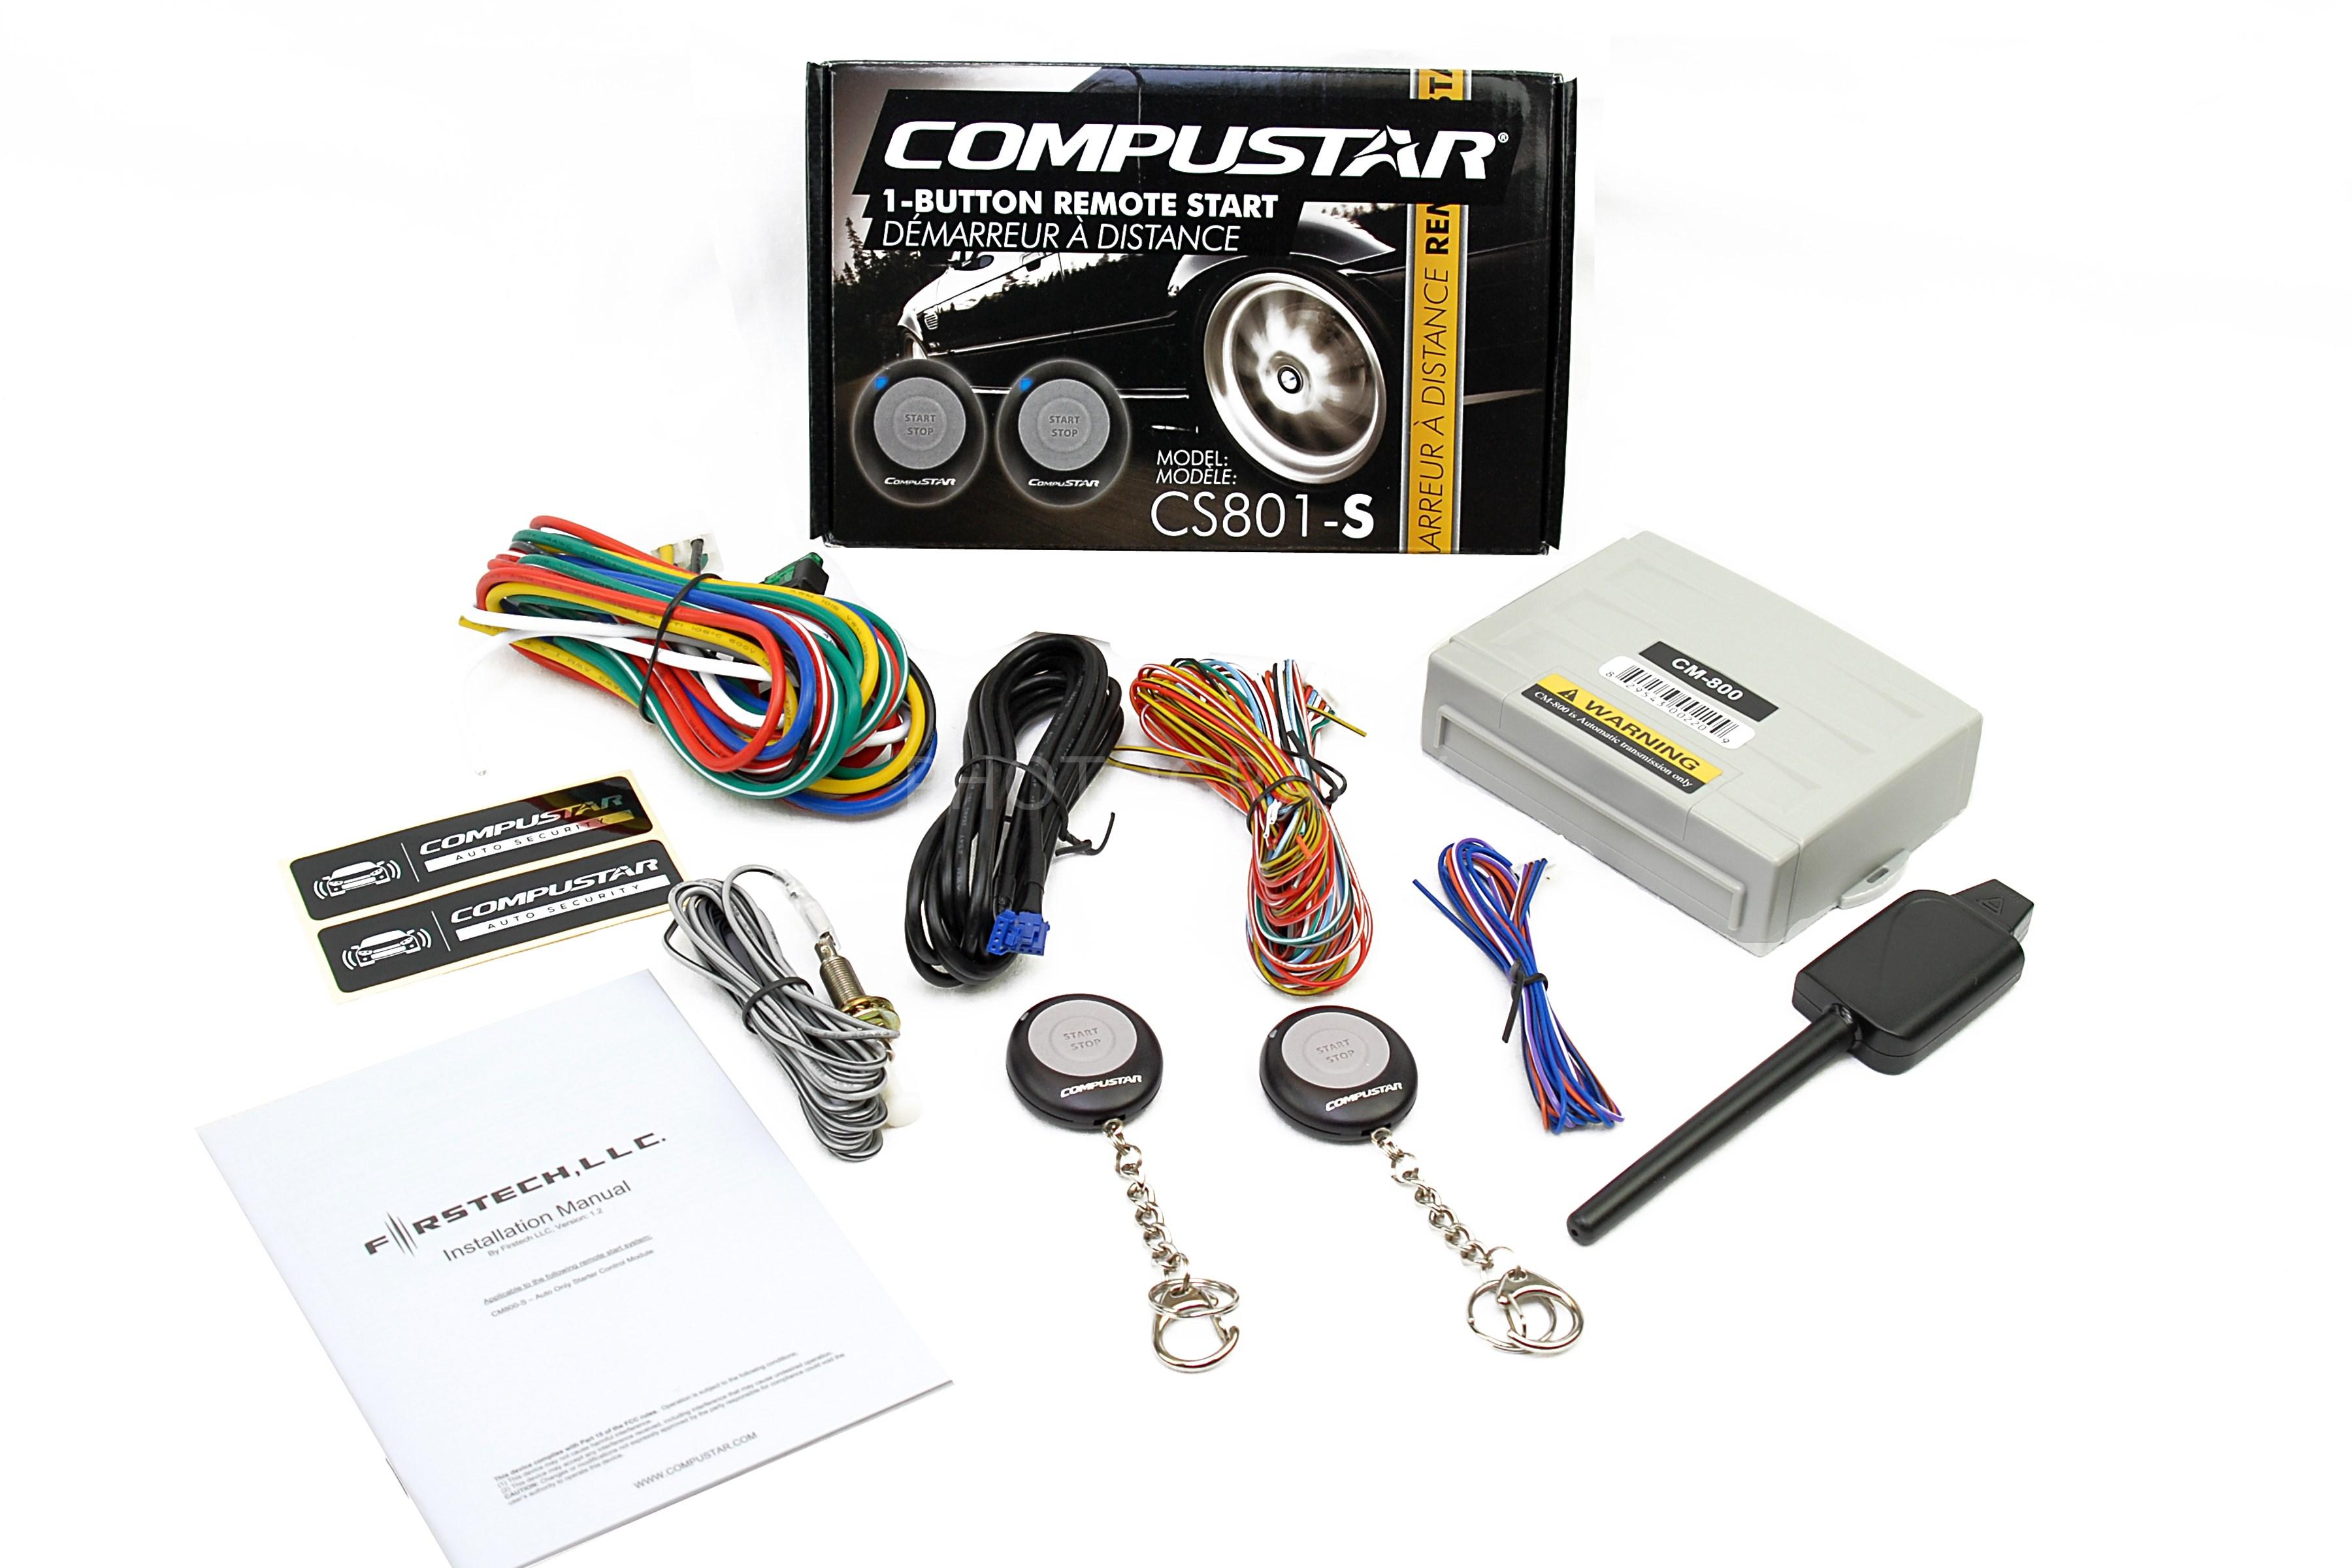 compustar cs801 s 1 button remote start car auto starter